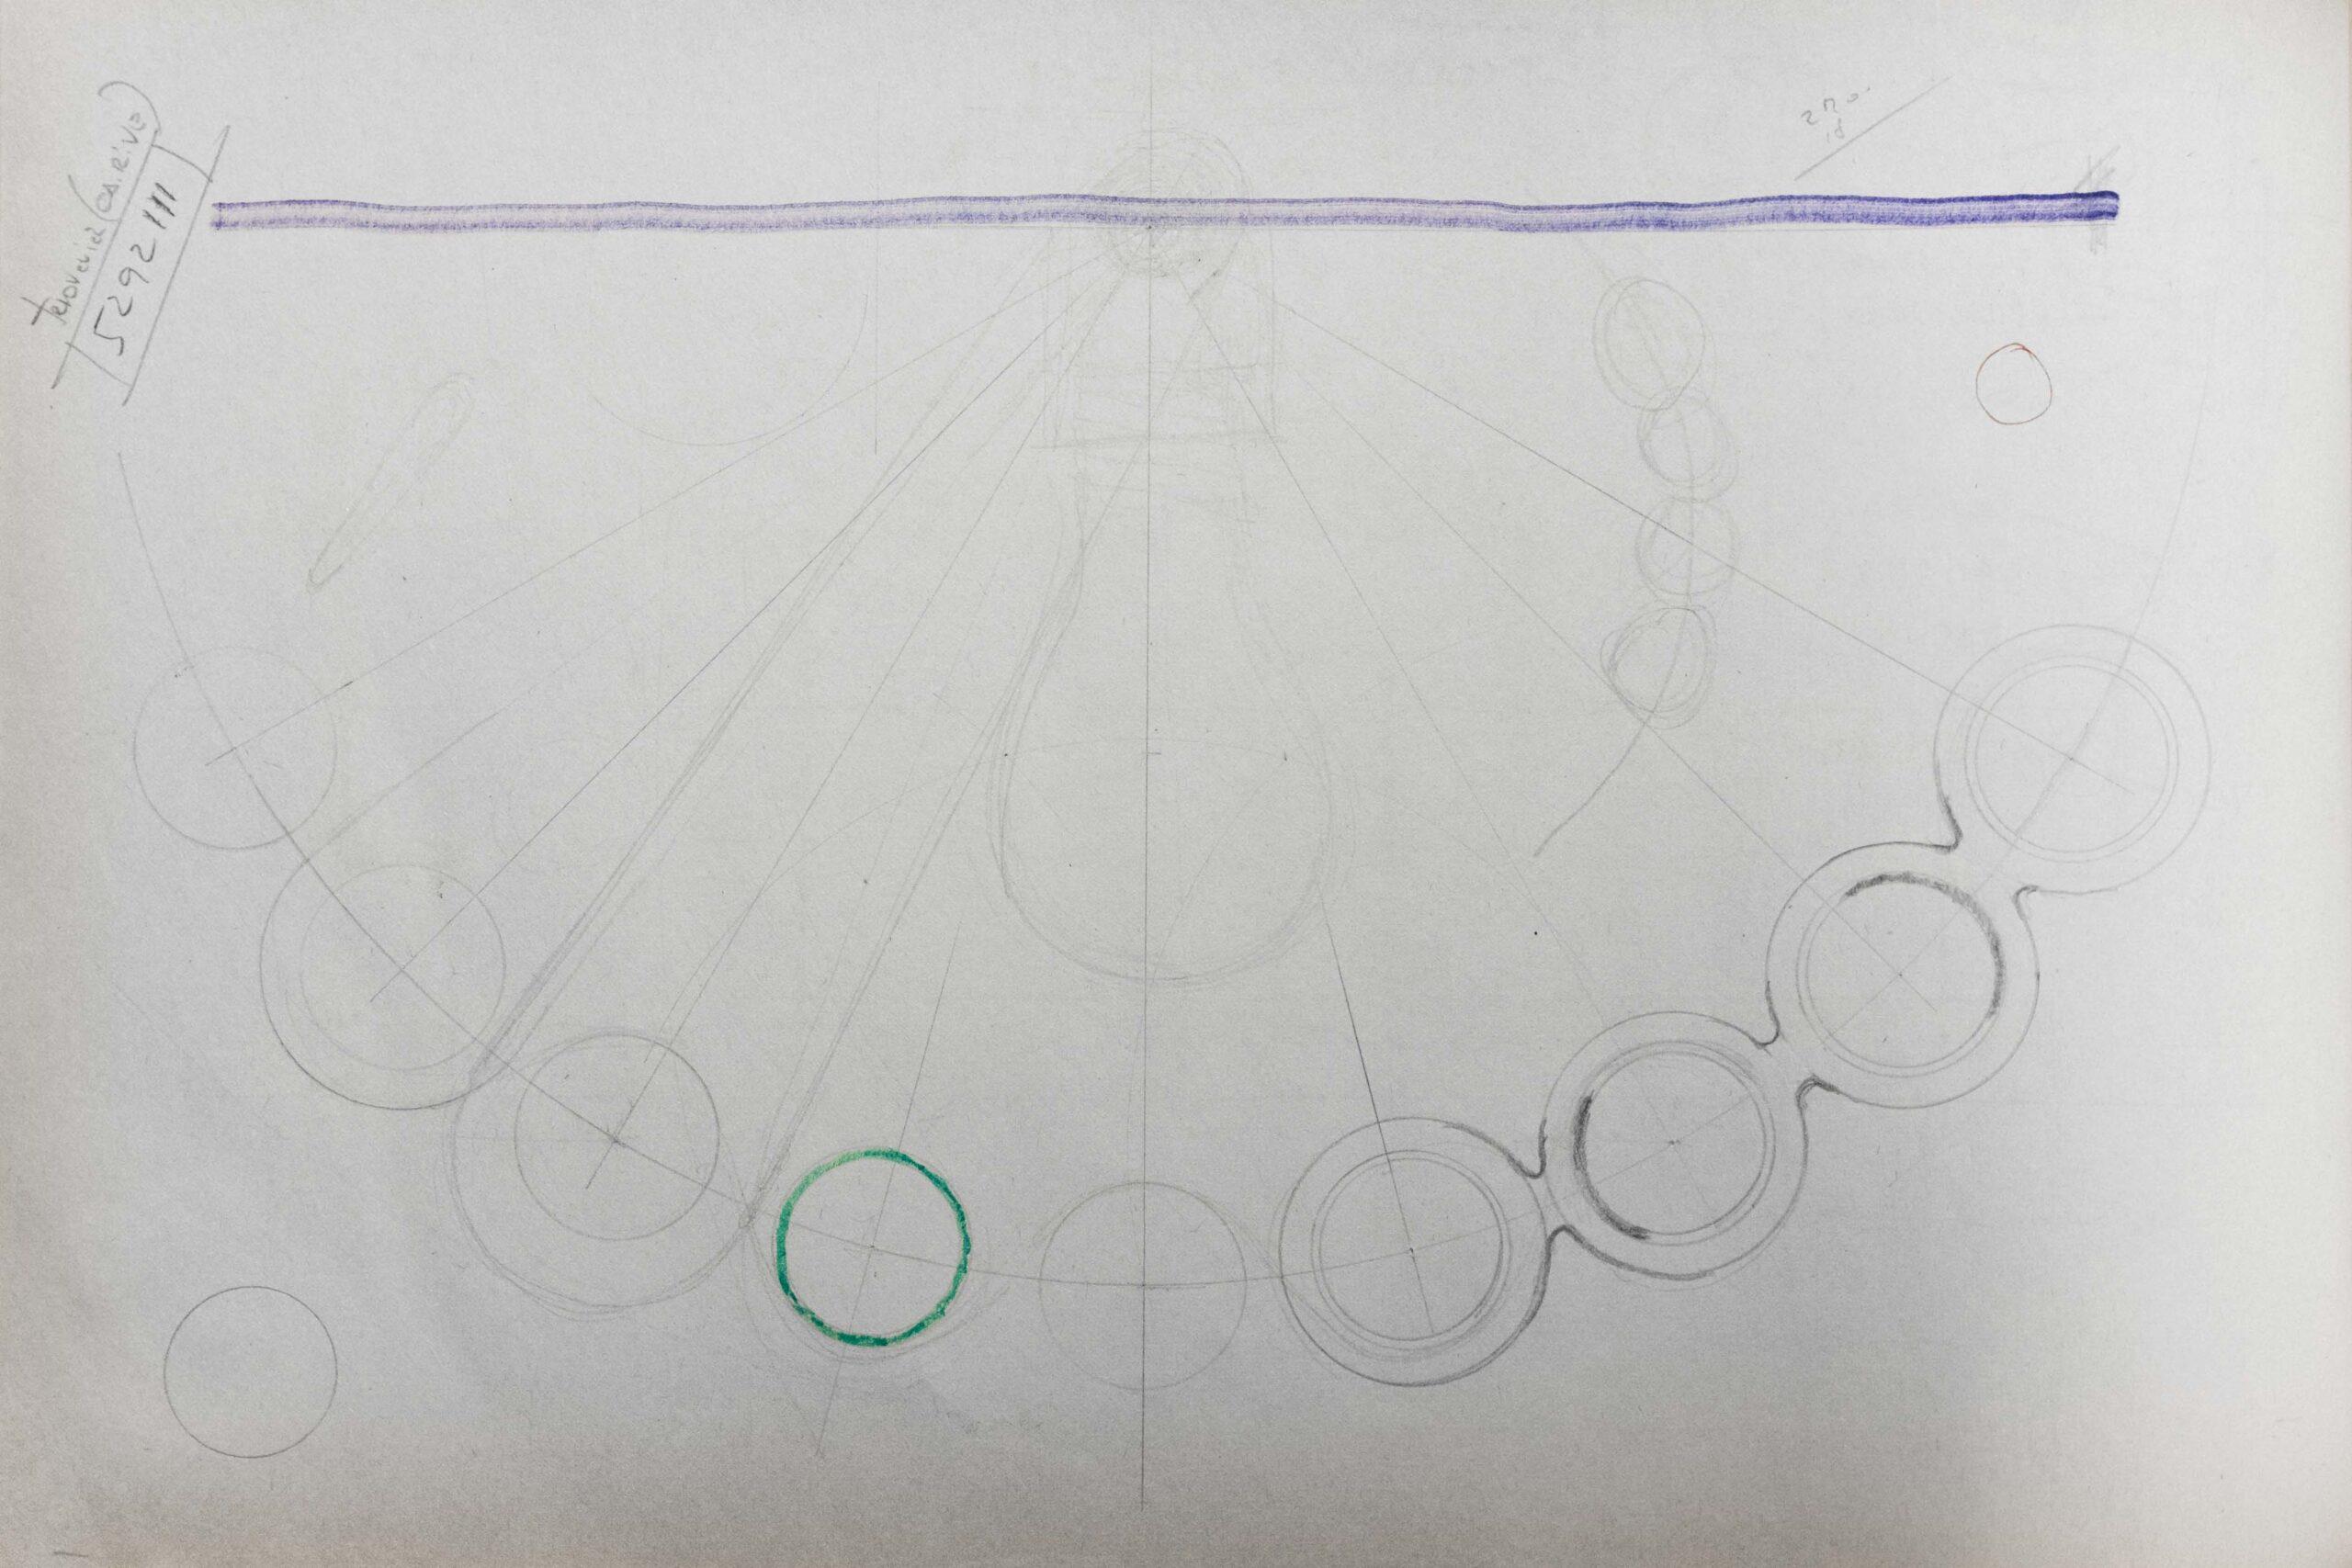 disegni e schizzi05